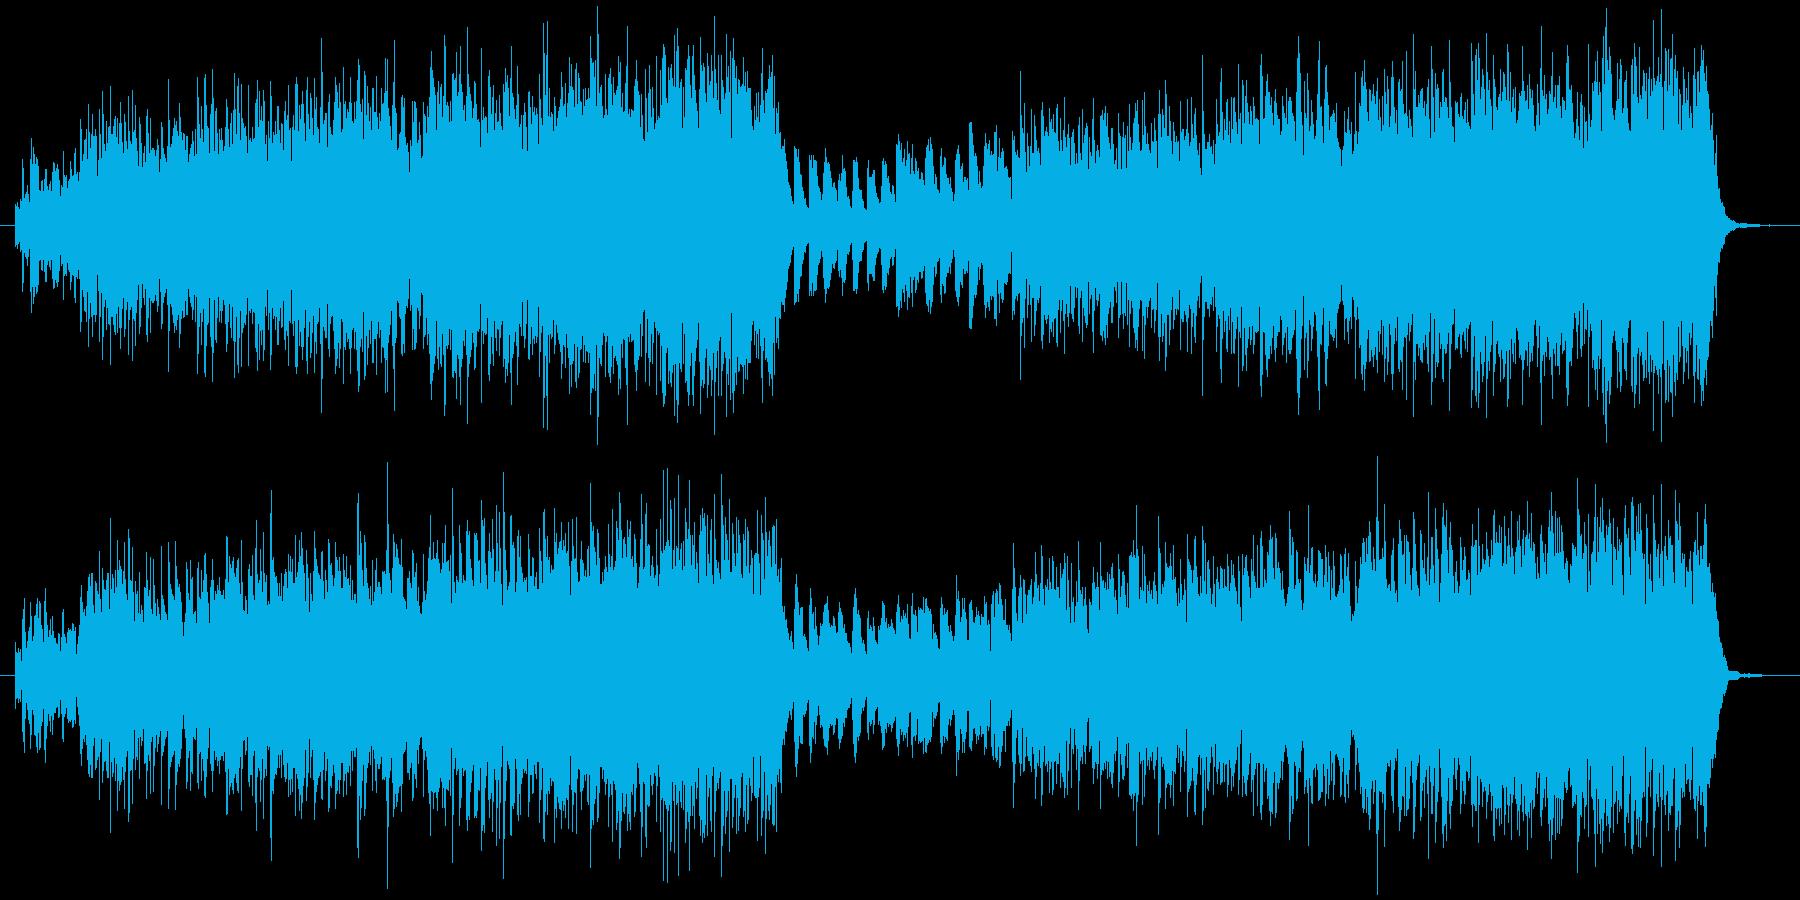 ループ用の曲です。のんびりお散歩への再生済みの波形